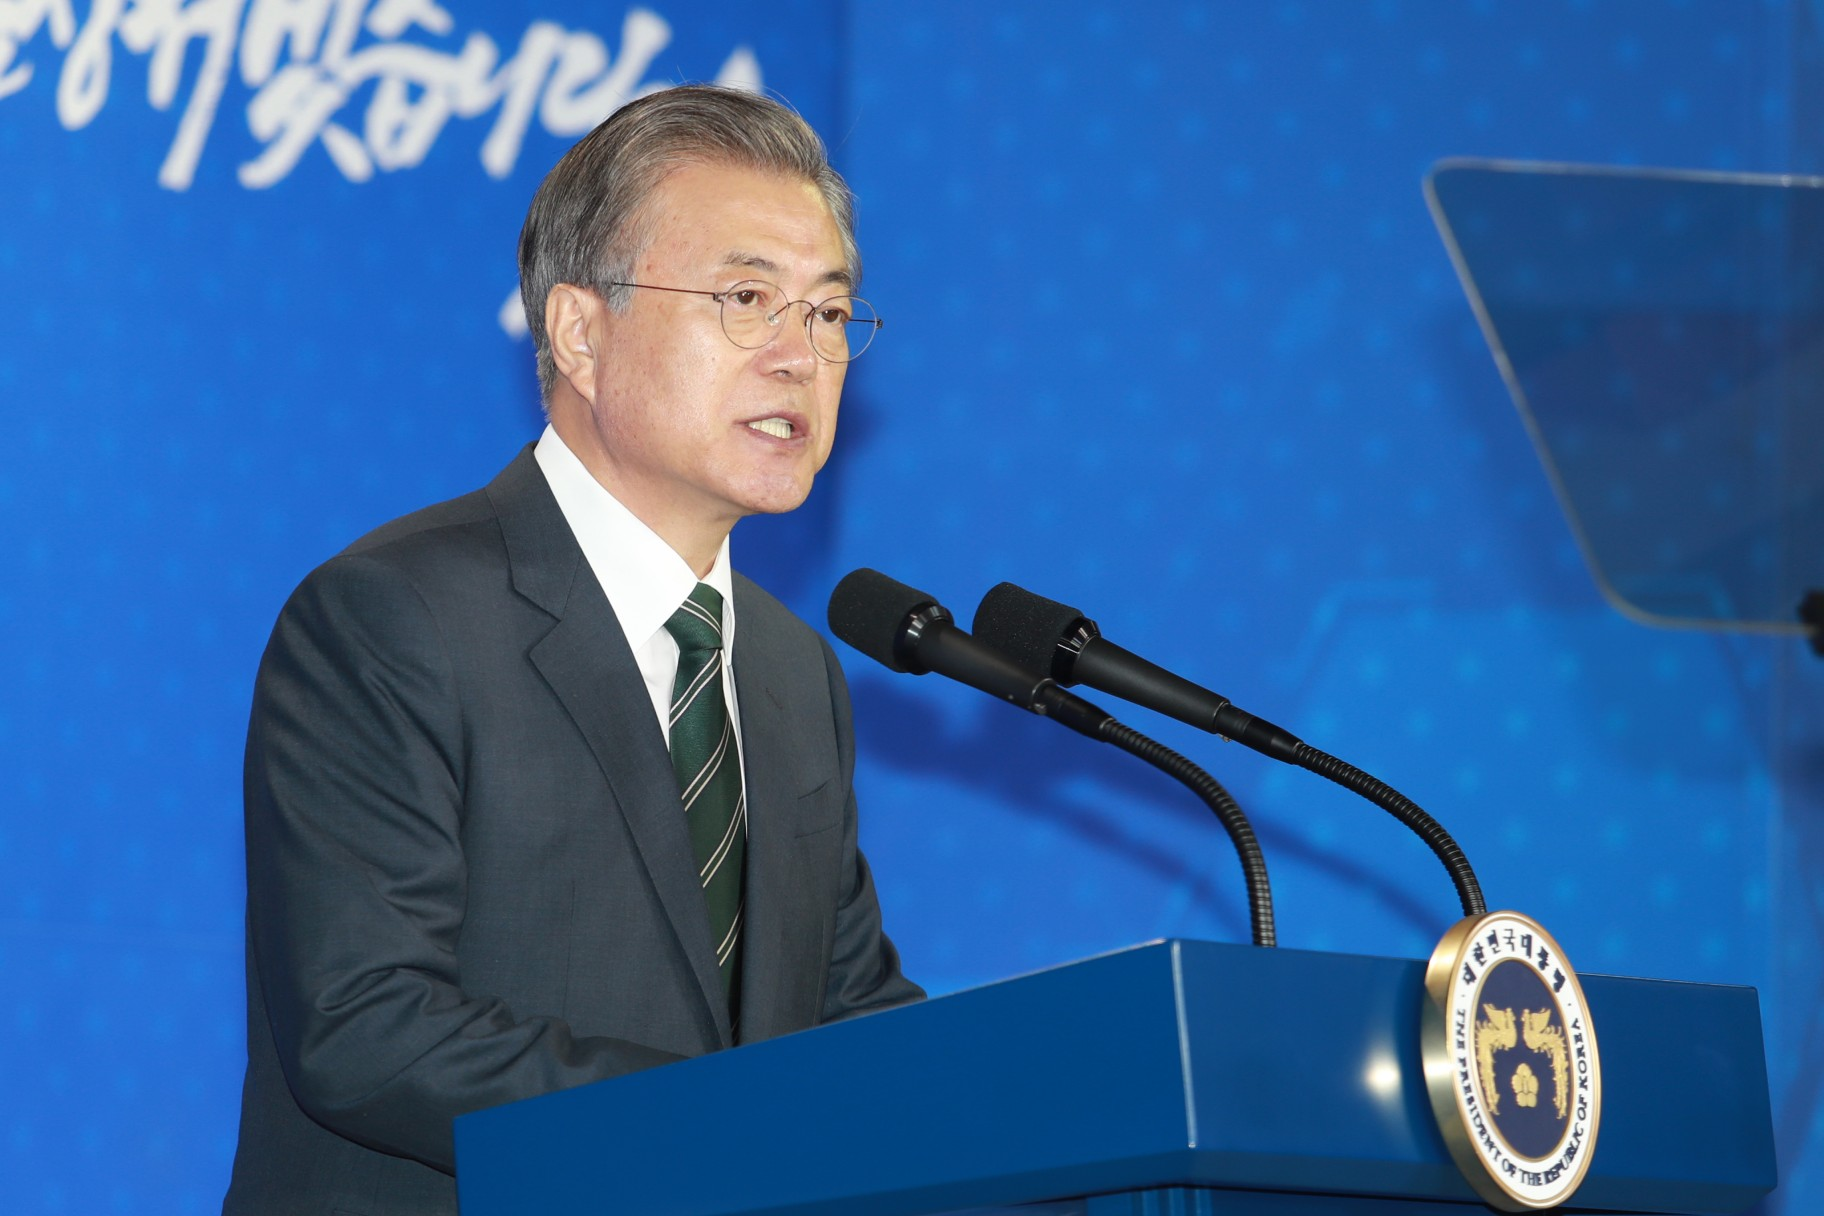 문재인 대통령이 22일 충북 청주시 오송에서 열린 바이오헬스 국가비전 선포식에서 정부 투자계획을 발표하고 있다.